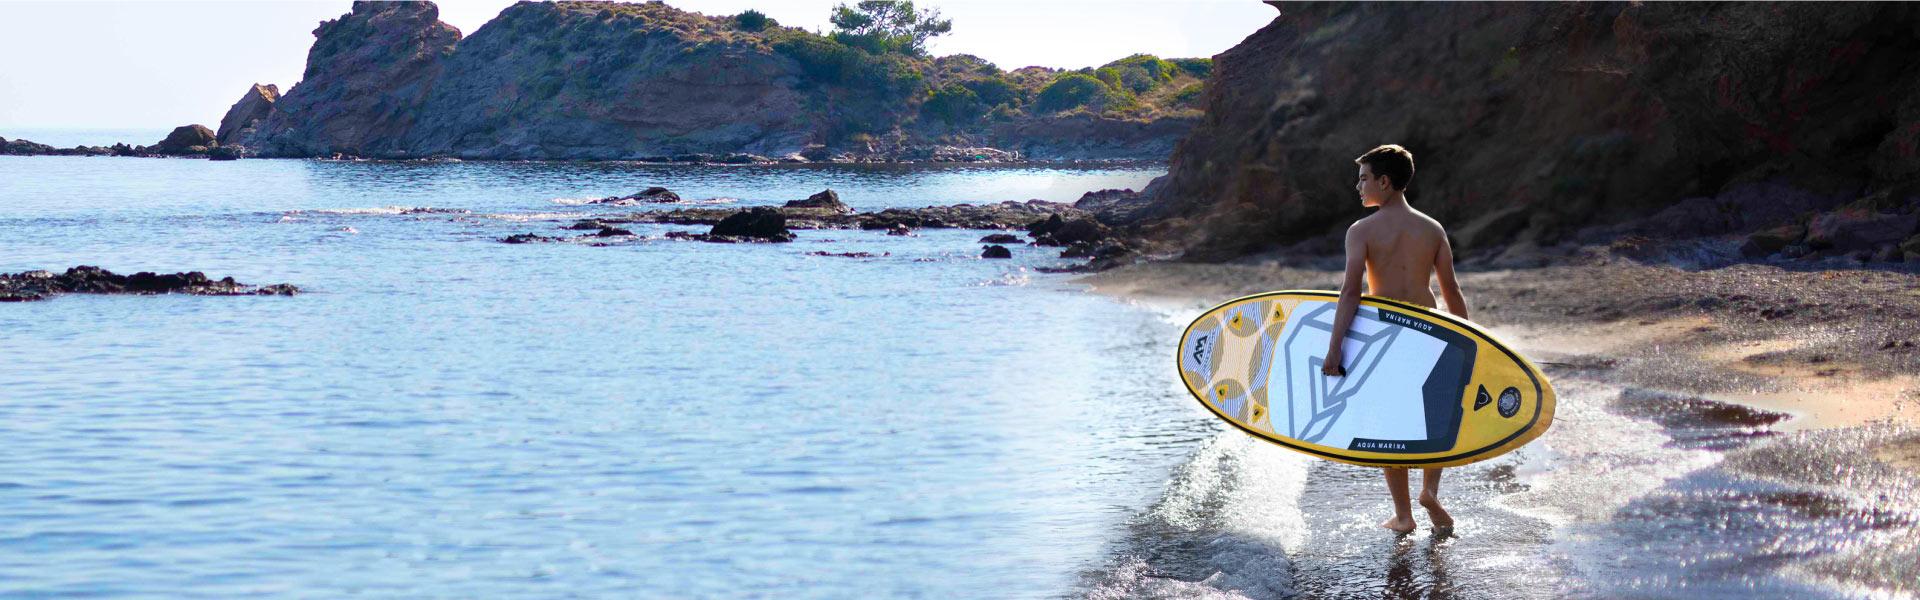 Deska SUP Aqua Marina Vibrant